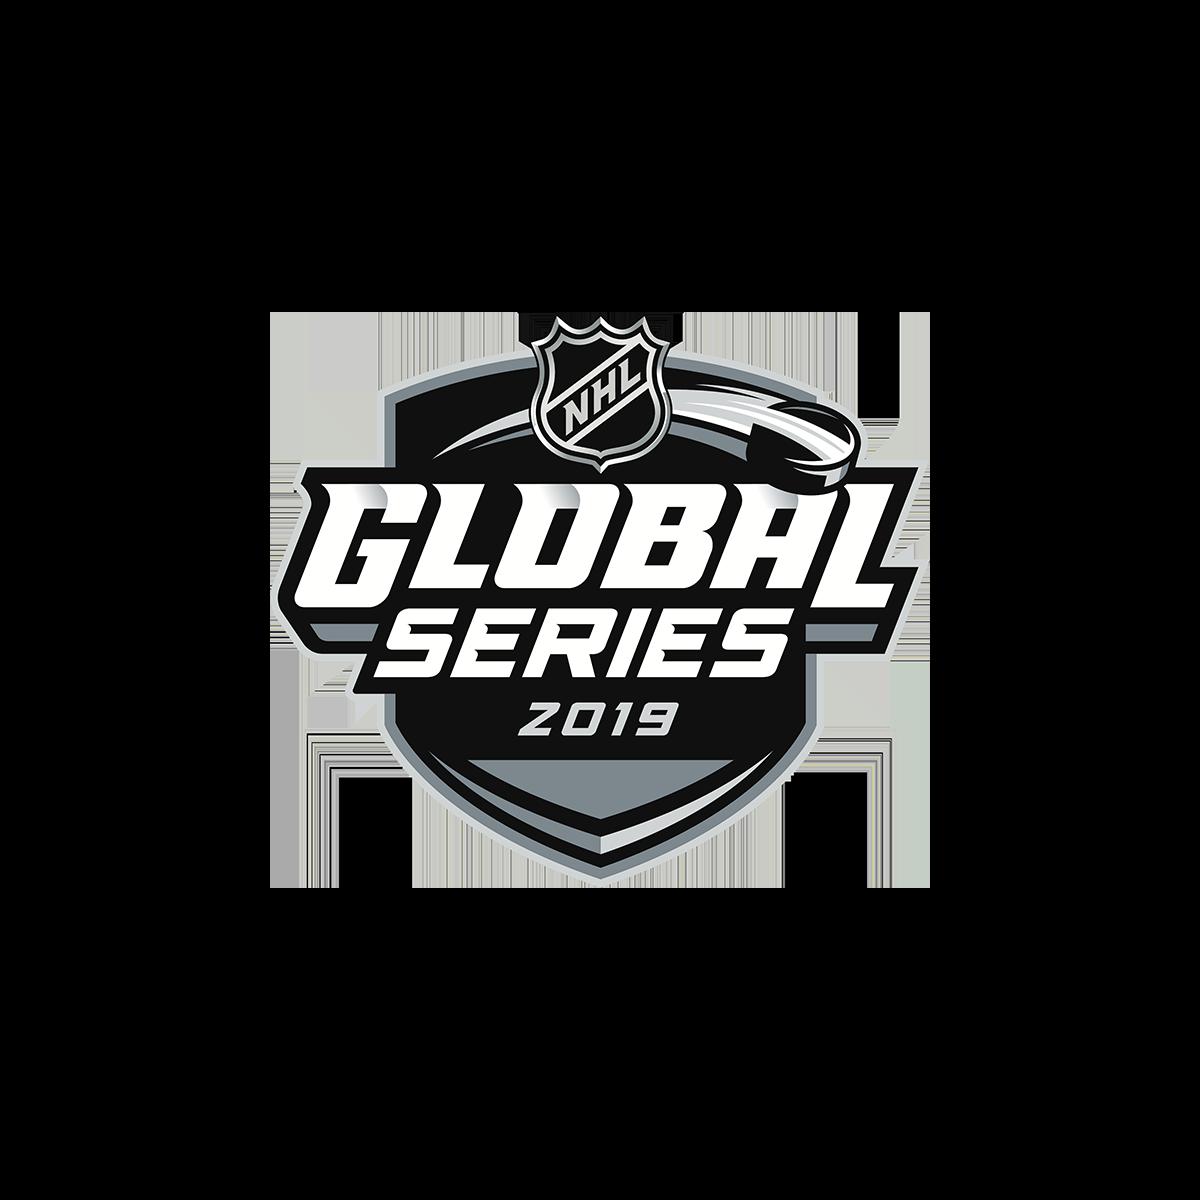 NHL Global Series